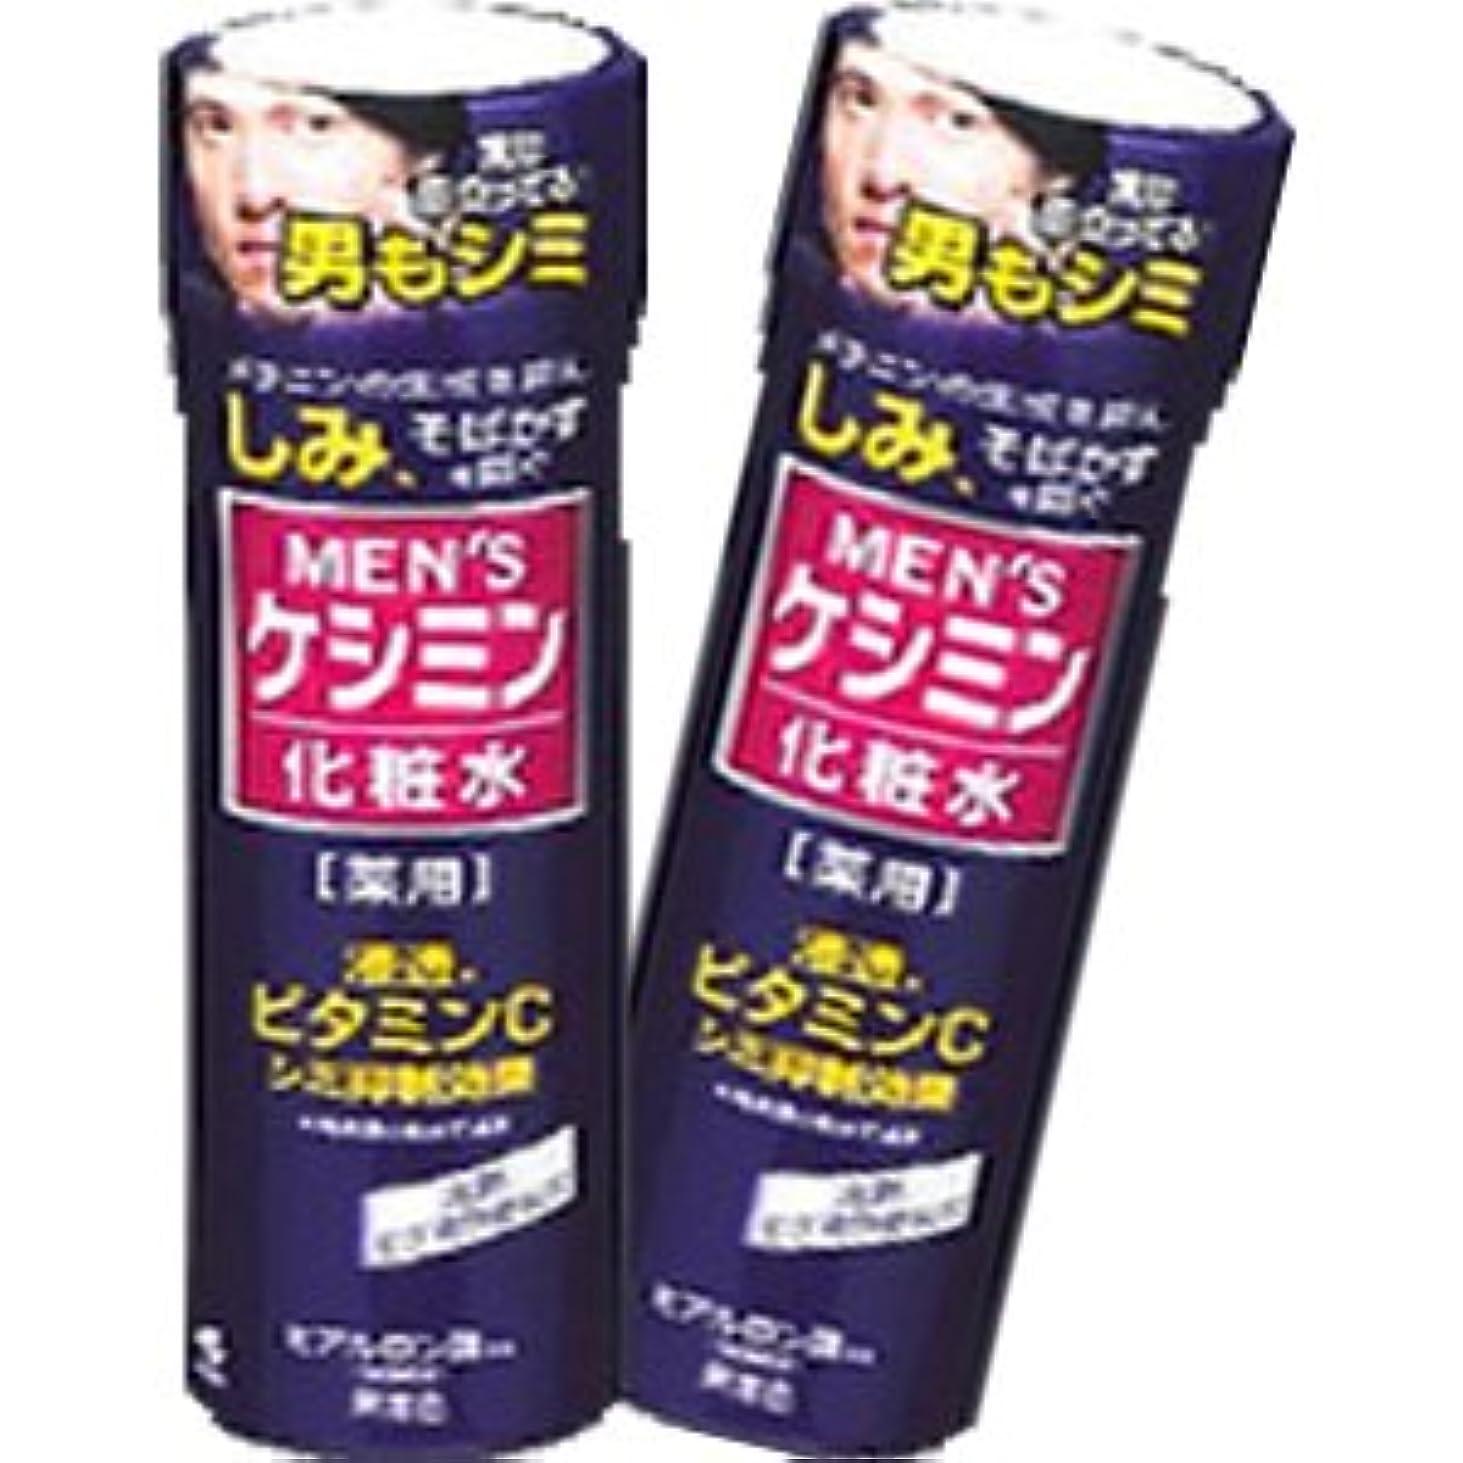 邪悪なうるさい快適【2個】 メンズケシミン化粧水 160mlx2個 (4987072034330)